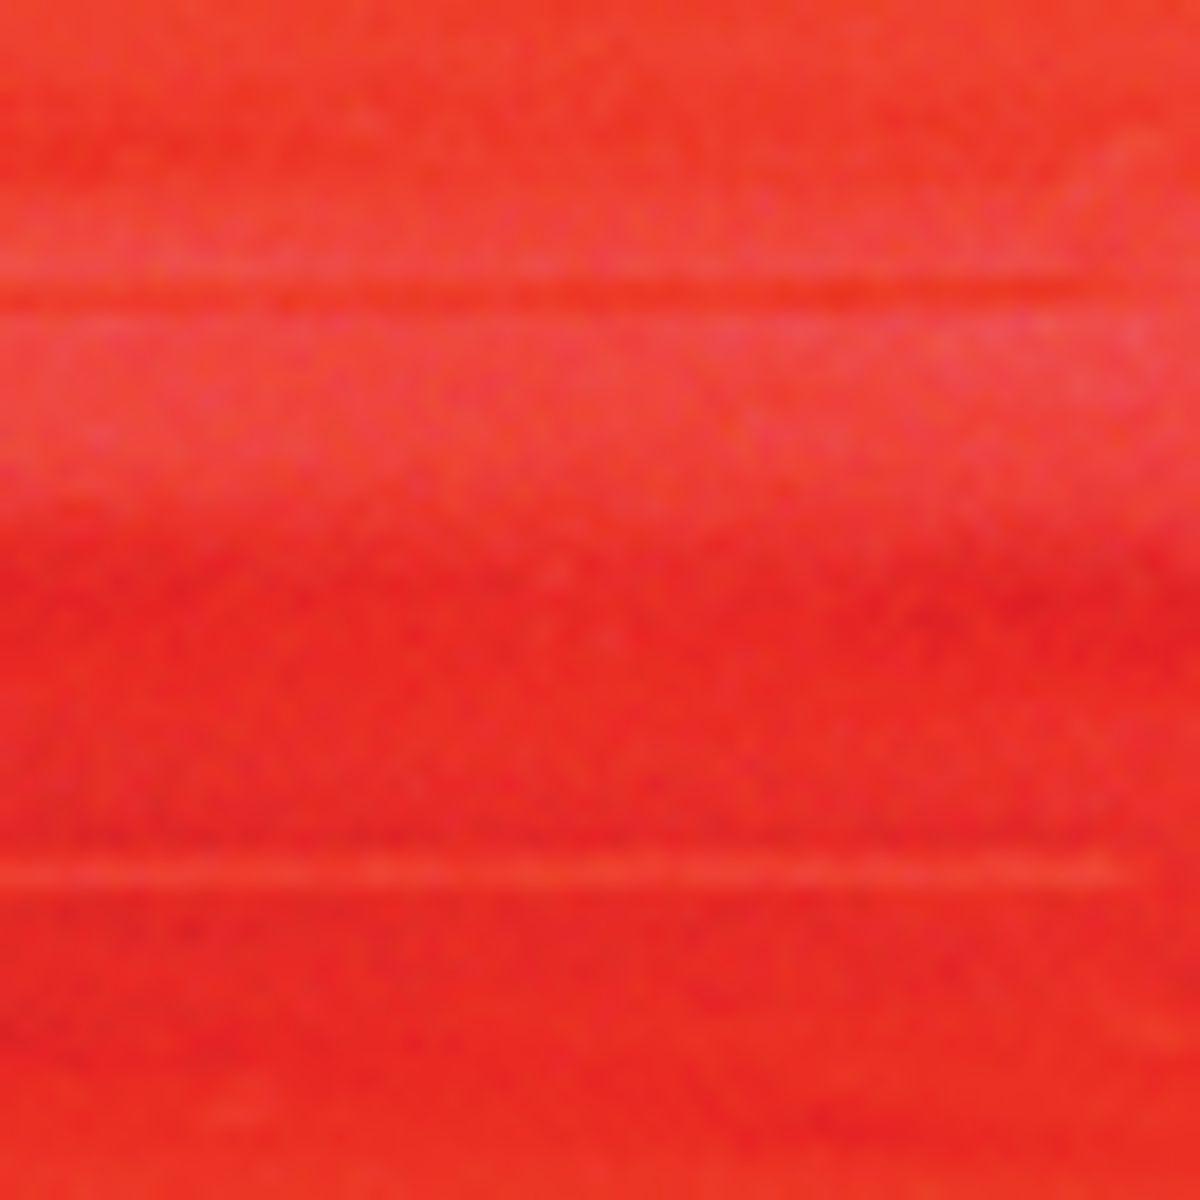 Bohning Blazer™ Double-Lock Nocks